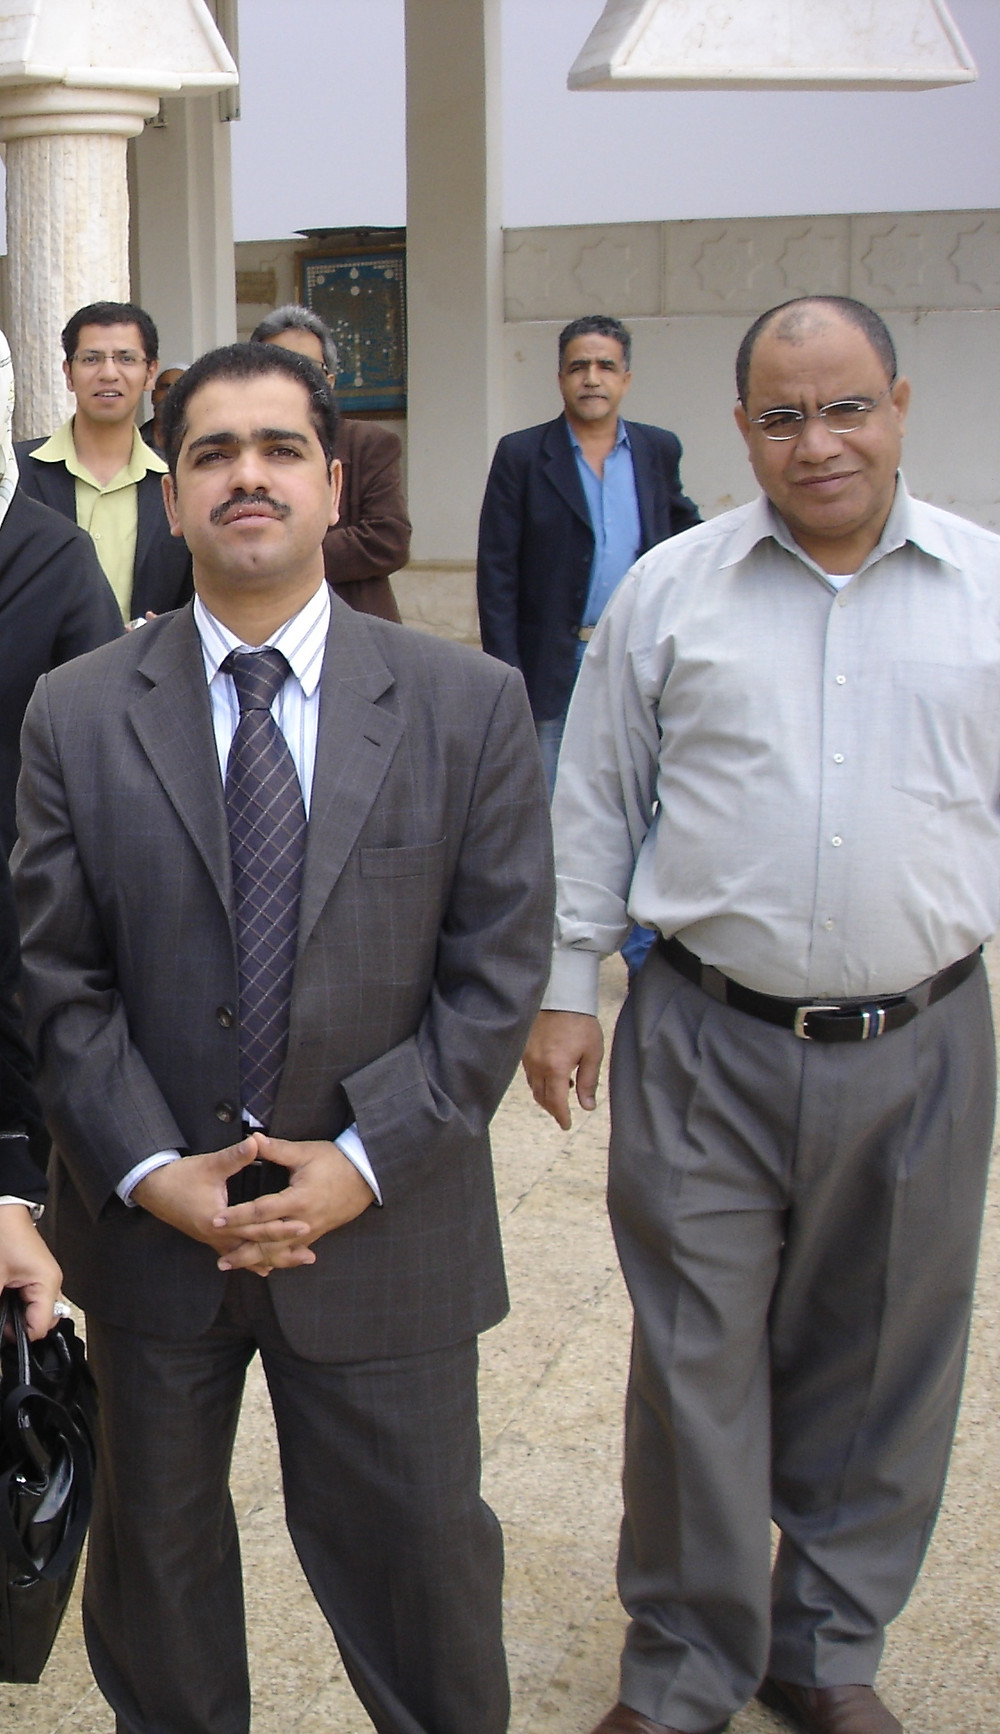 الأستاذ علي الديري على اليمين خلال فعالية أيام ثقافية بحرينية في سورية